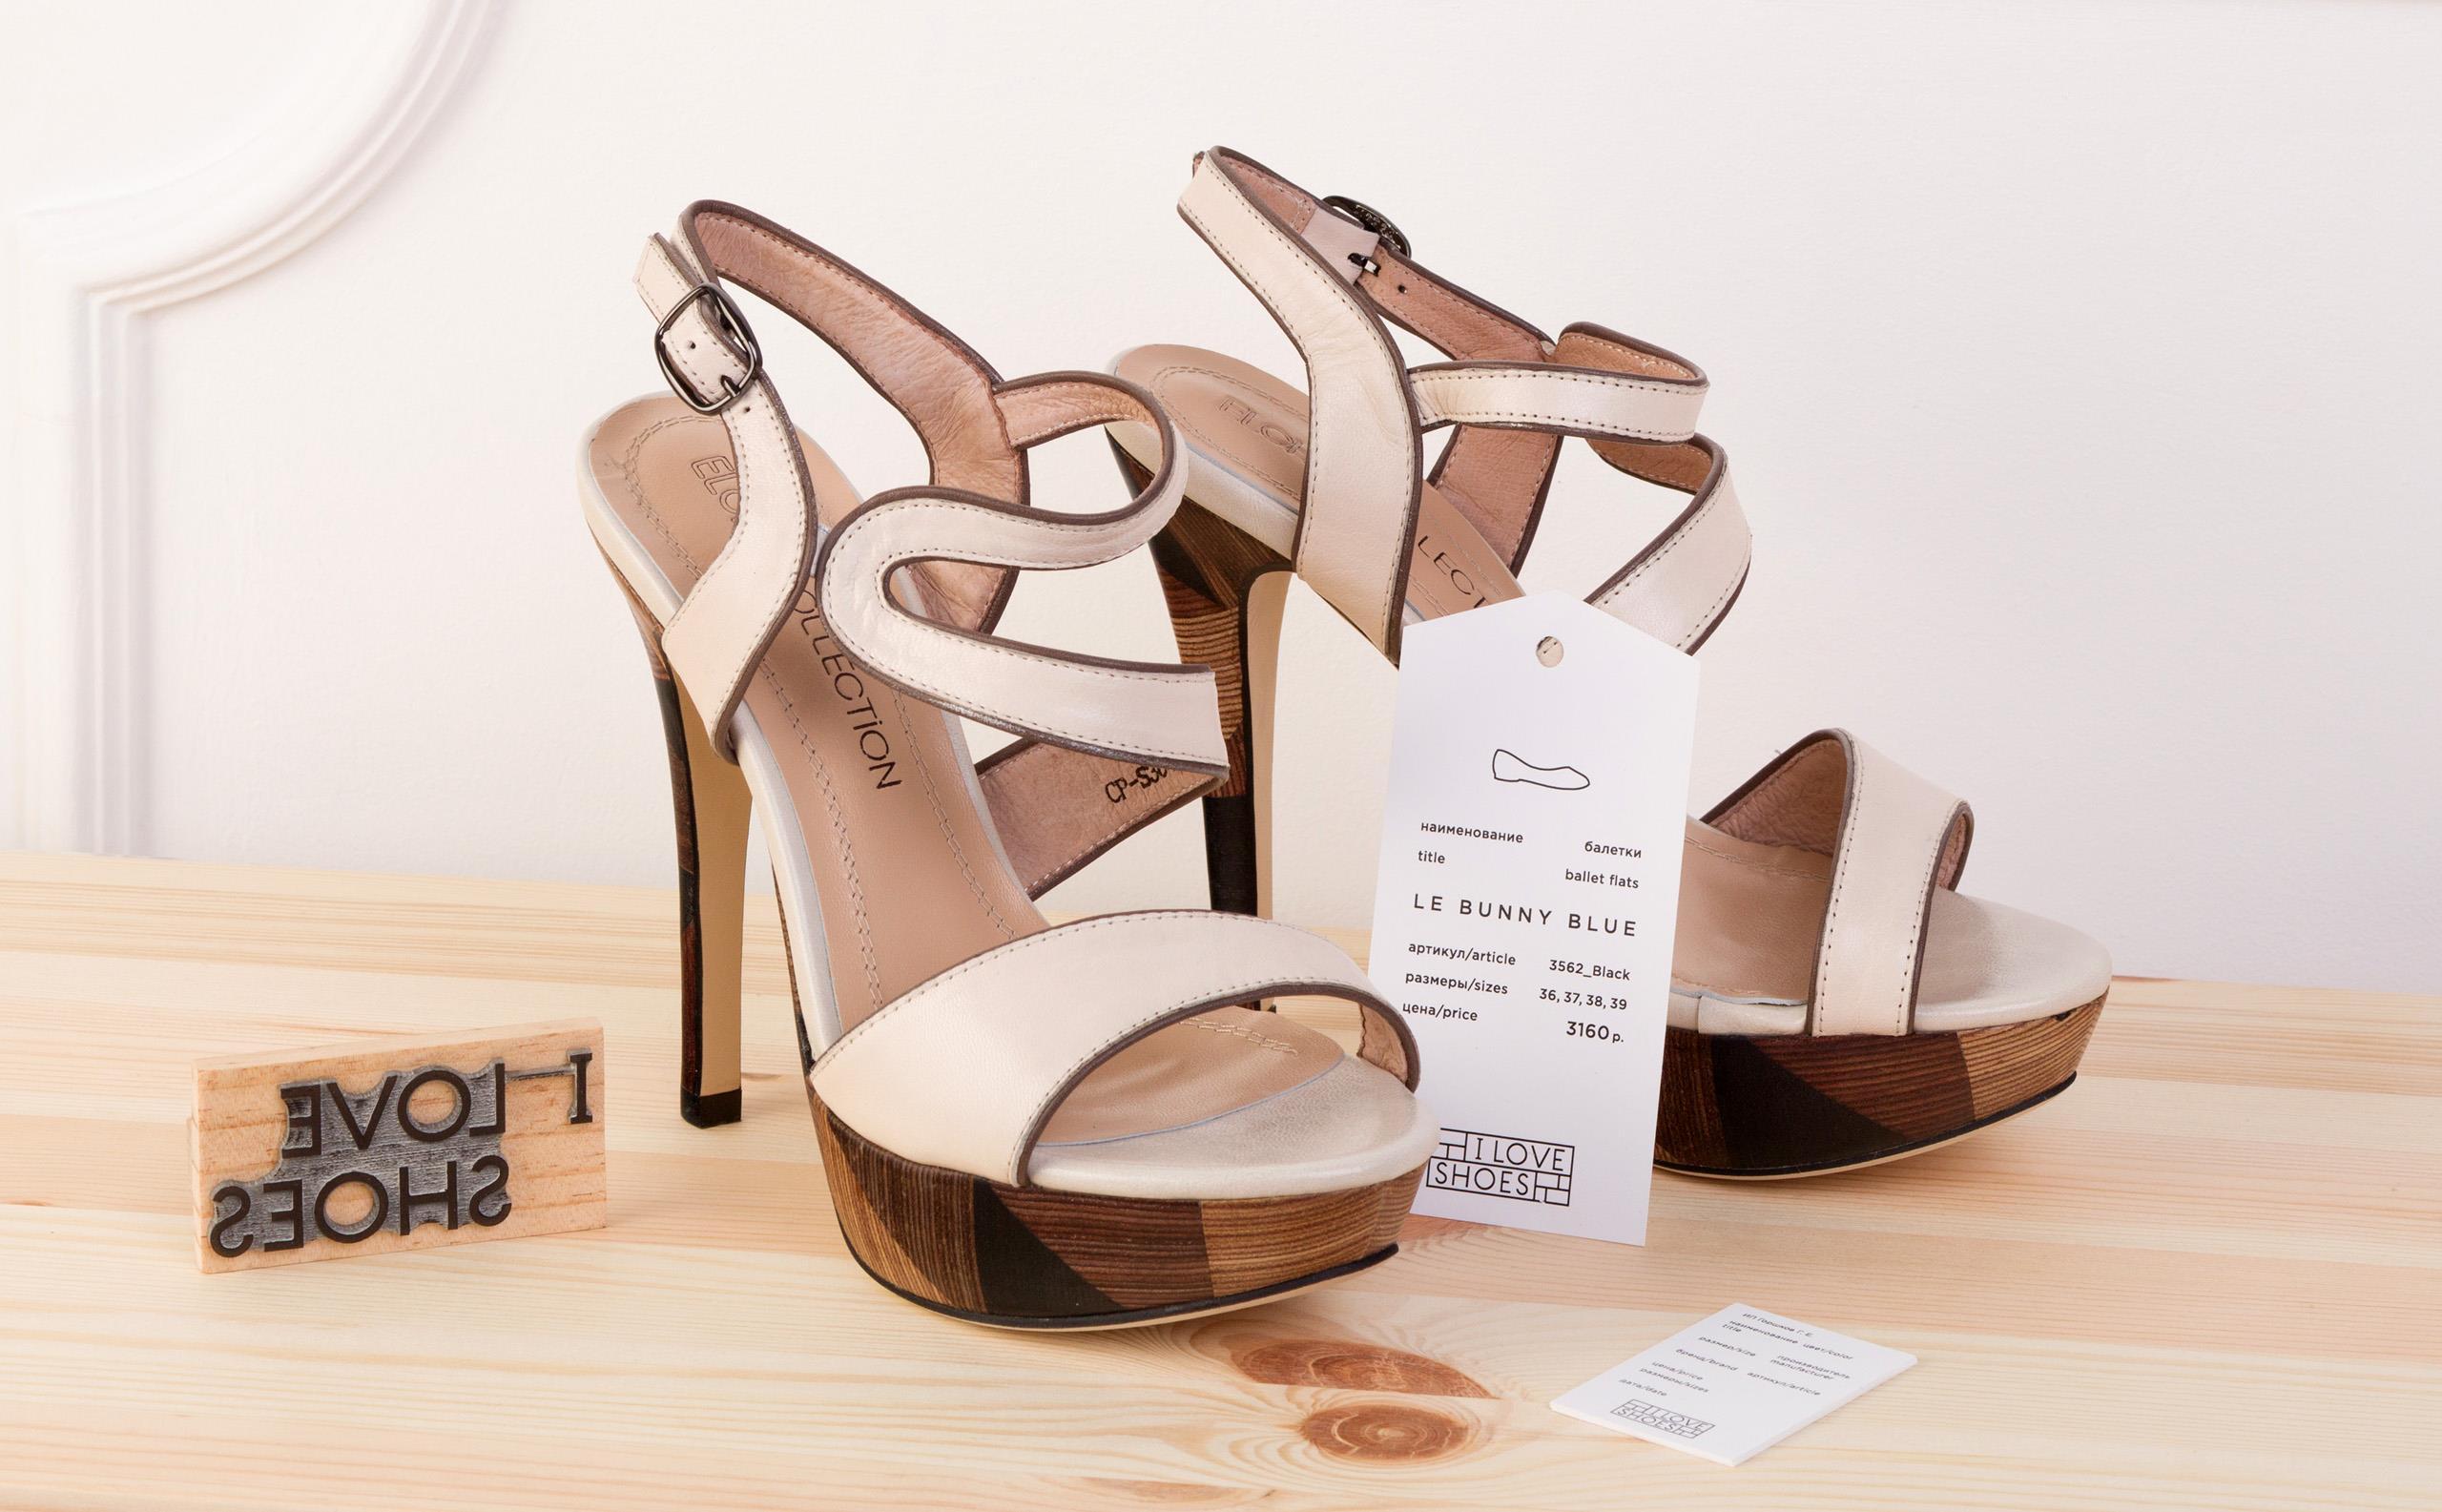 行业:鞋子 服务内容:品牌设计 企业名:I love shoes 人们喜欢鞋子,他们喜欢购买新的款式,收集它们、关注它们。如果有很多的鞋子那么你需要一个地方可以让他们所有都收纳在一个地方,最好的选择就是鞋架子。所以用这个感觉来设计i love shoes鞋子品牌形象设计。白色、黄色和棕色的色调创造出一点豪华舒适的感觉。  相关阅读: